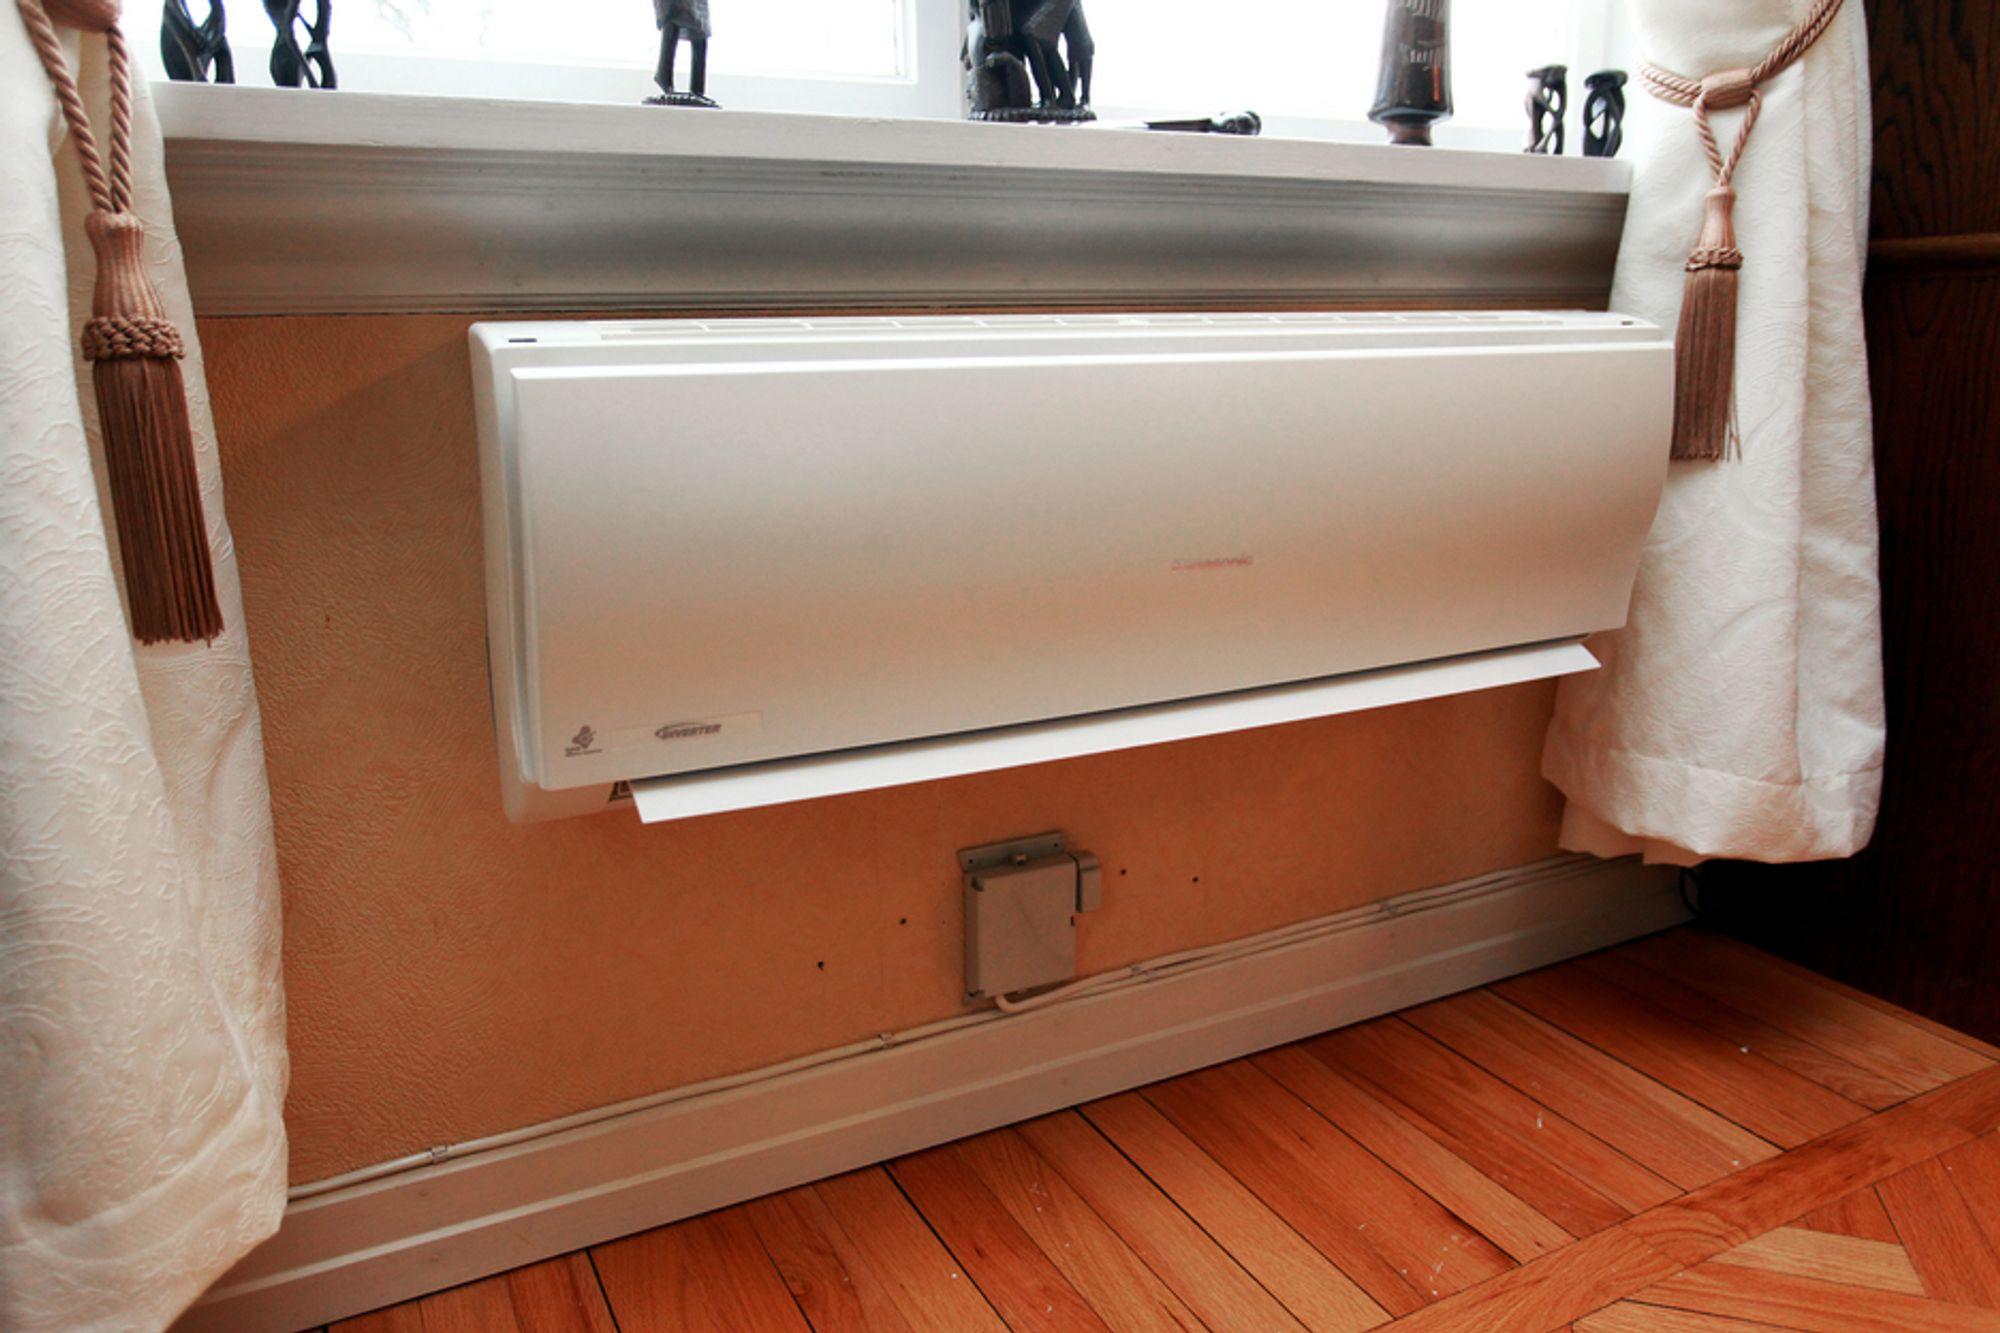 STRENGERE: Varmepumper inneholder i likhet med alle andre kjøleanlegg HFK-gass. Nå blir det stilt nye krav til alle som håndterer anlegg med HFK-gass, PFK-gass og SF6-gass gjennom EU-forordningen som trer i kraft i juli.